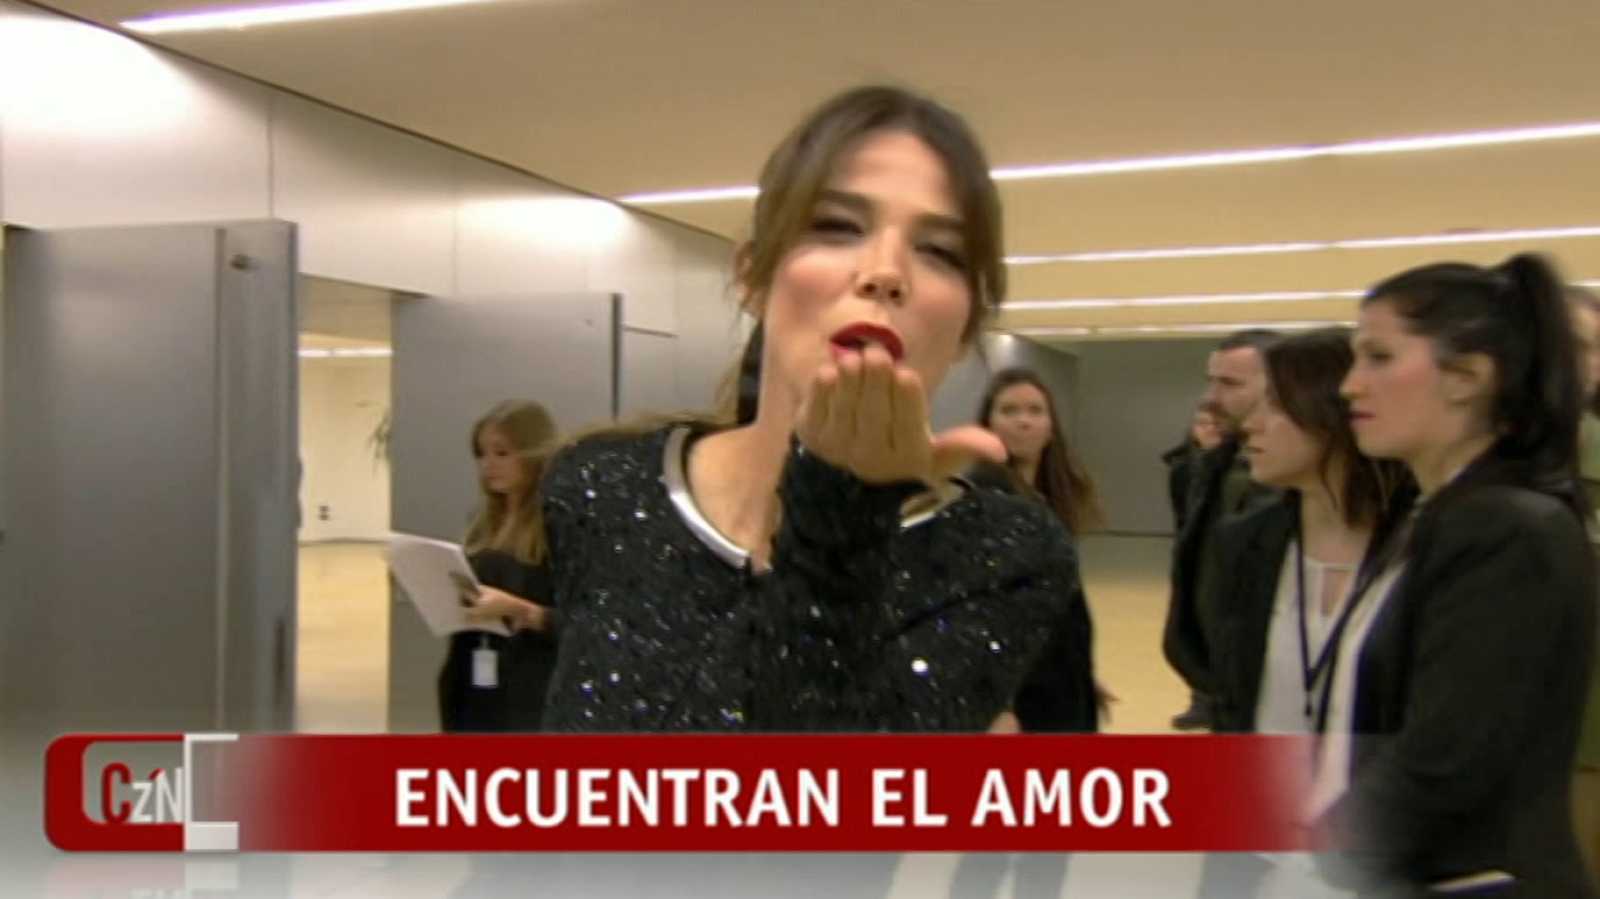 Corazón - 02/09/18 - RTVE.es